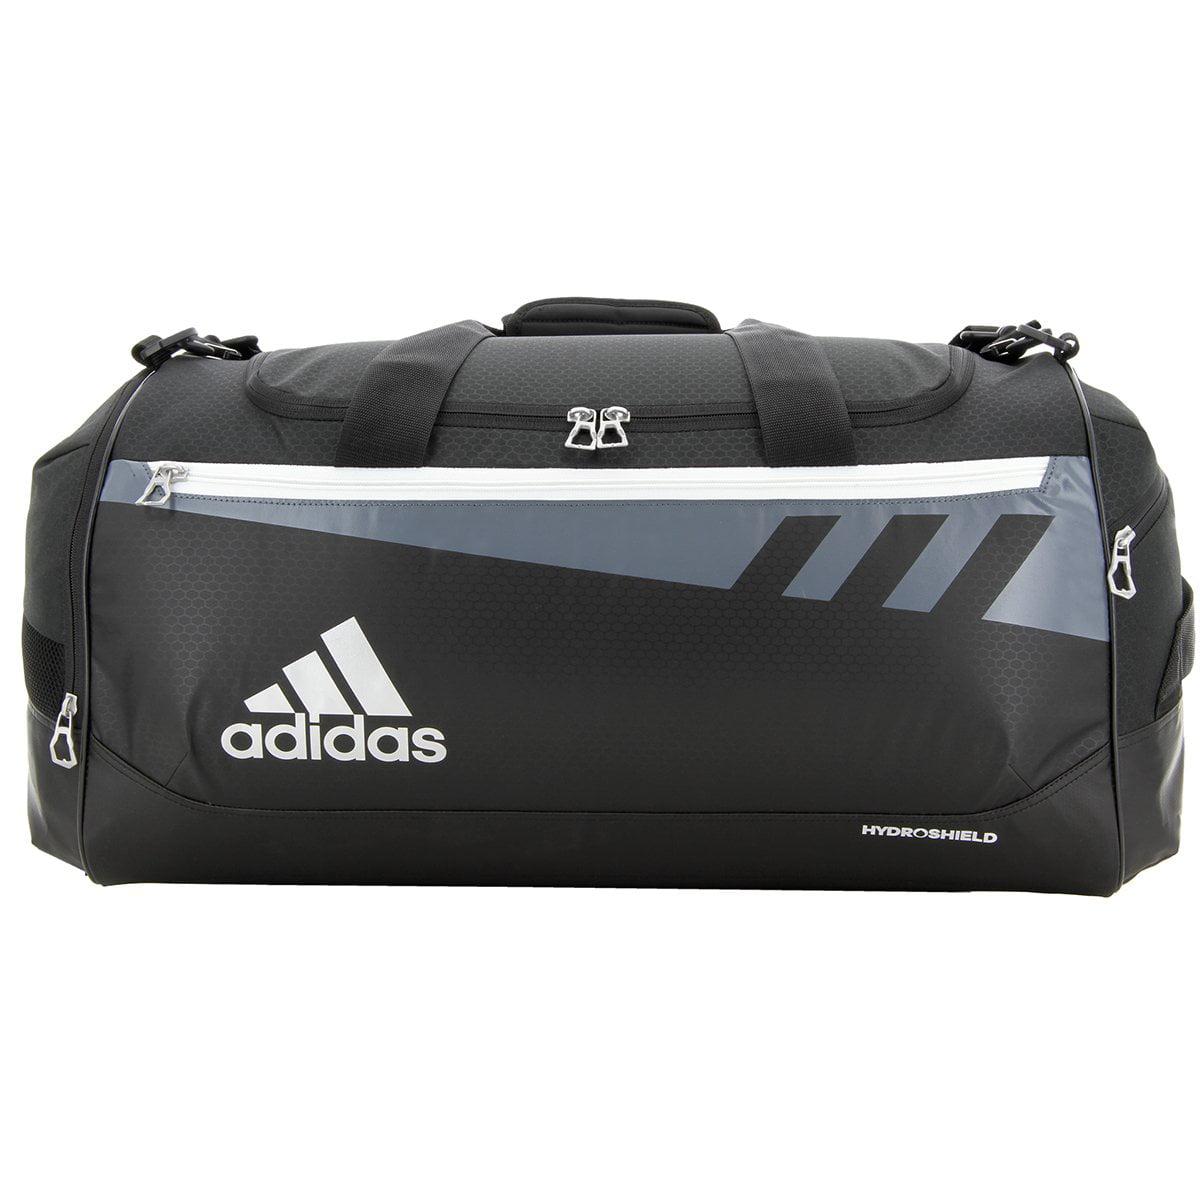 3e74ac73cfe5 adidas Team Issue Duffel Bag - Walmart.com